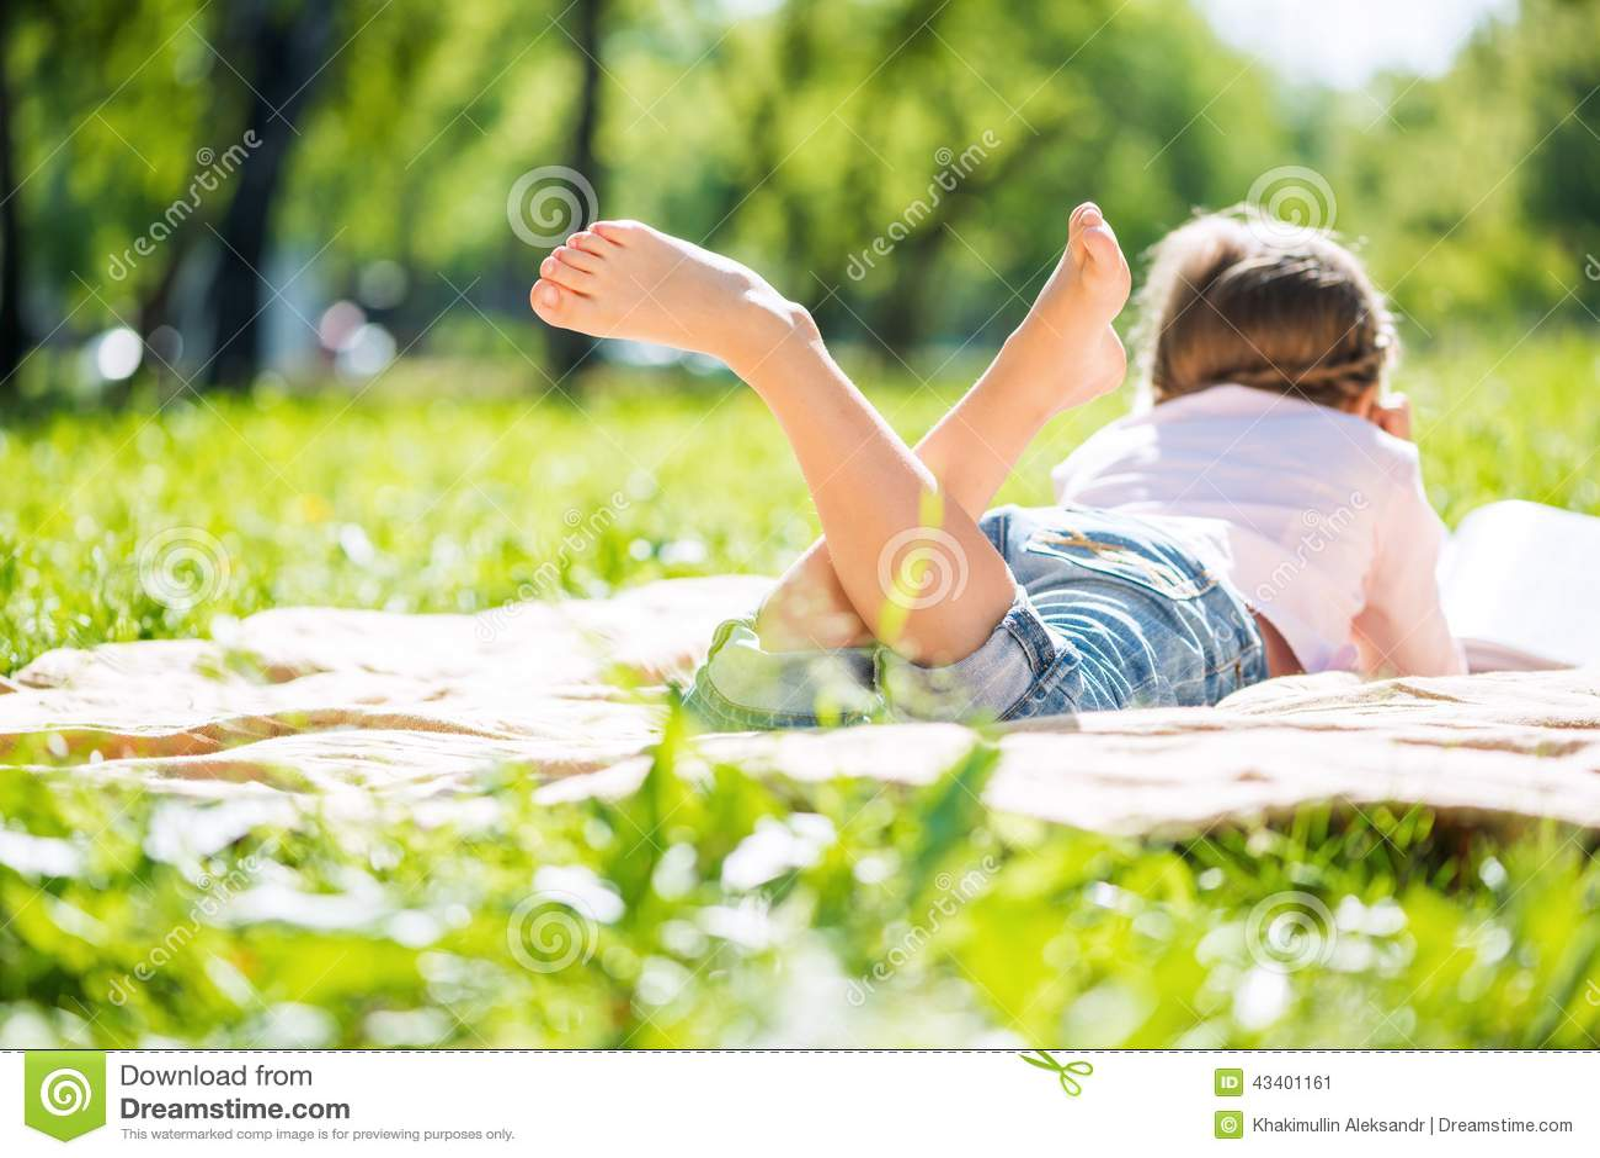 Miúdo no parque